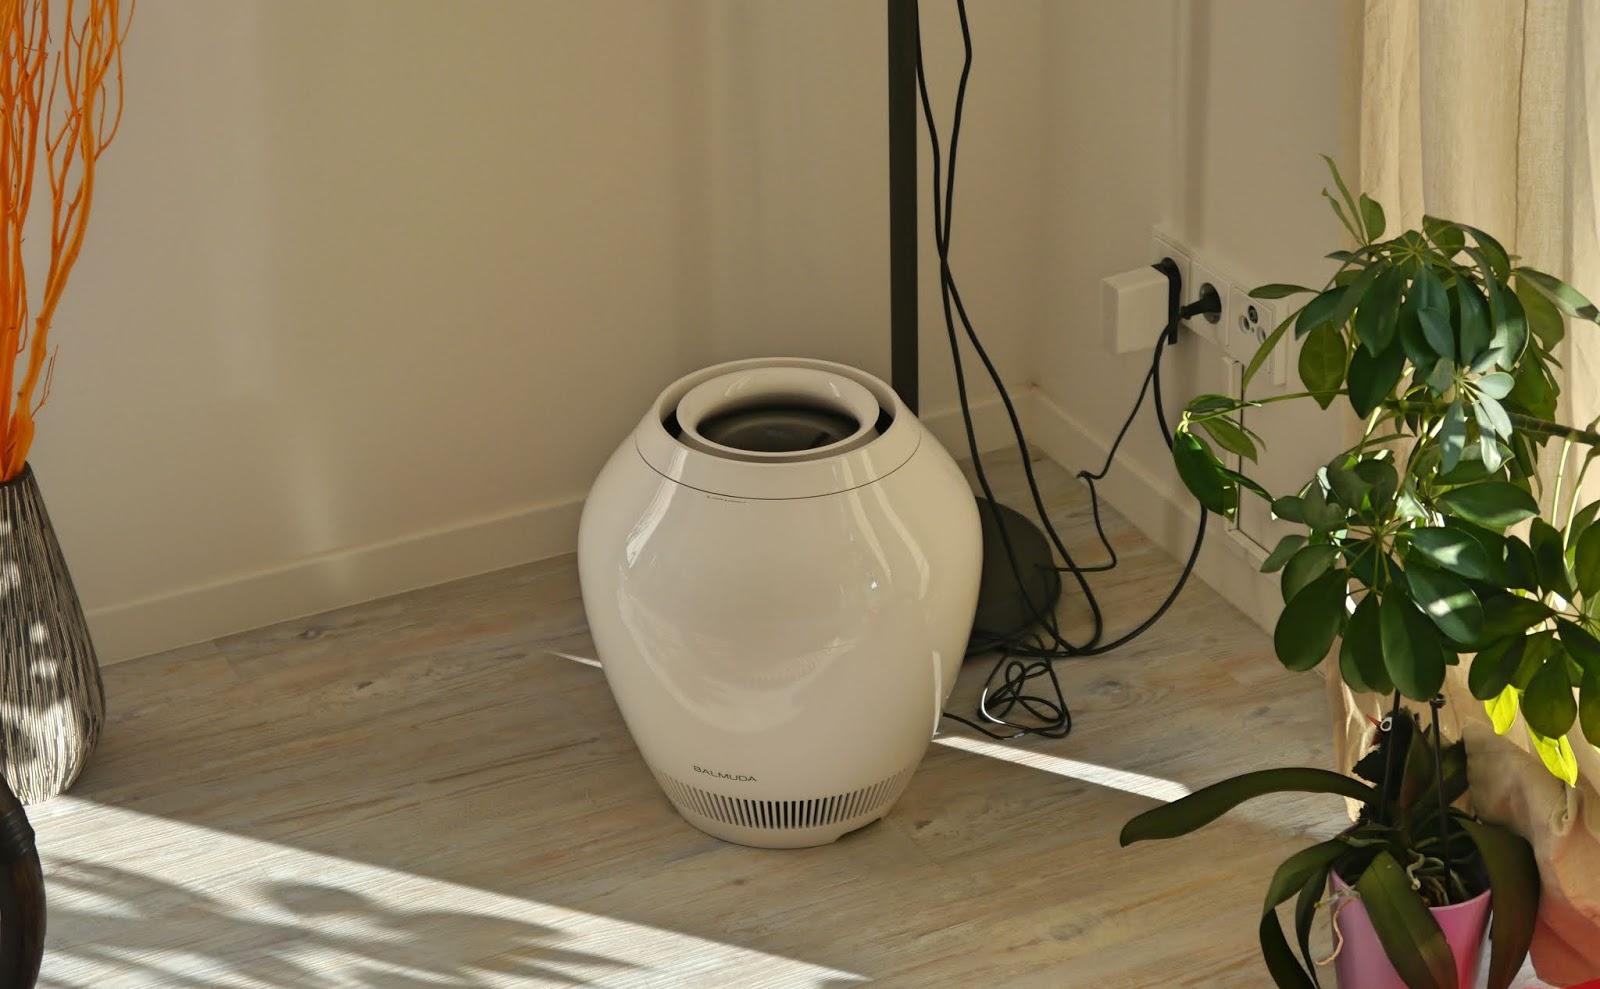 Das Raumklima im Winter im Haus verbessern